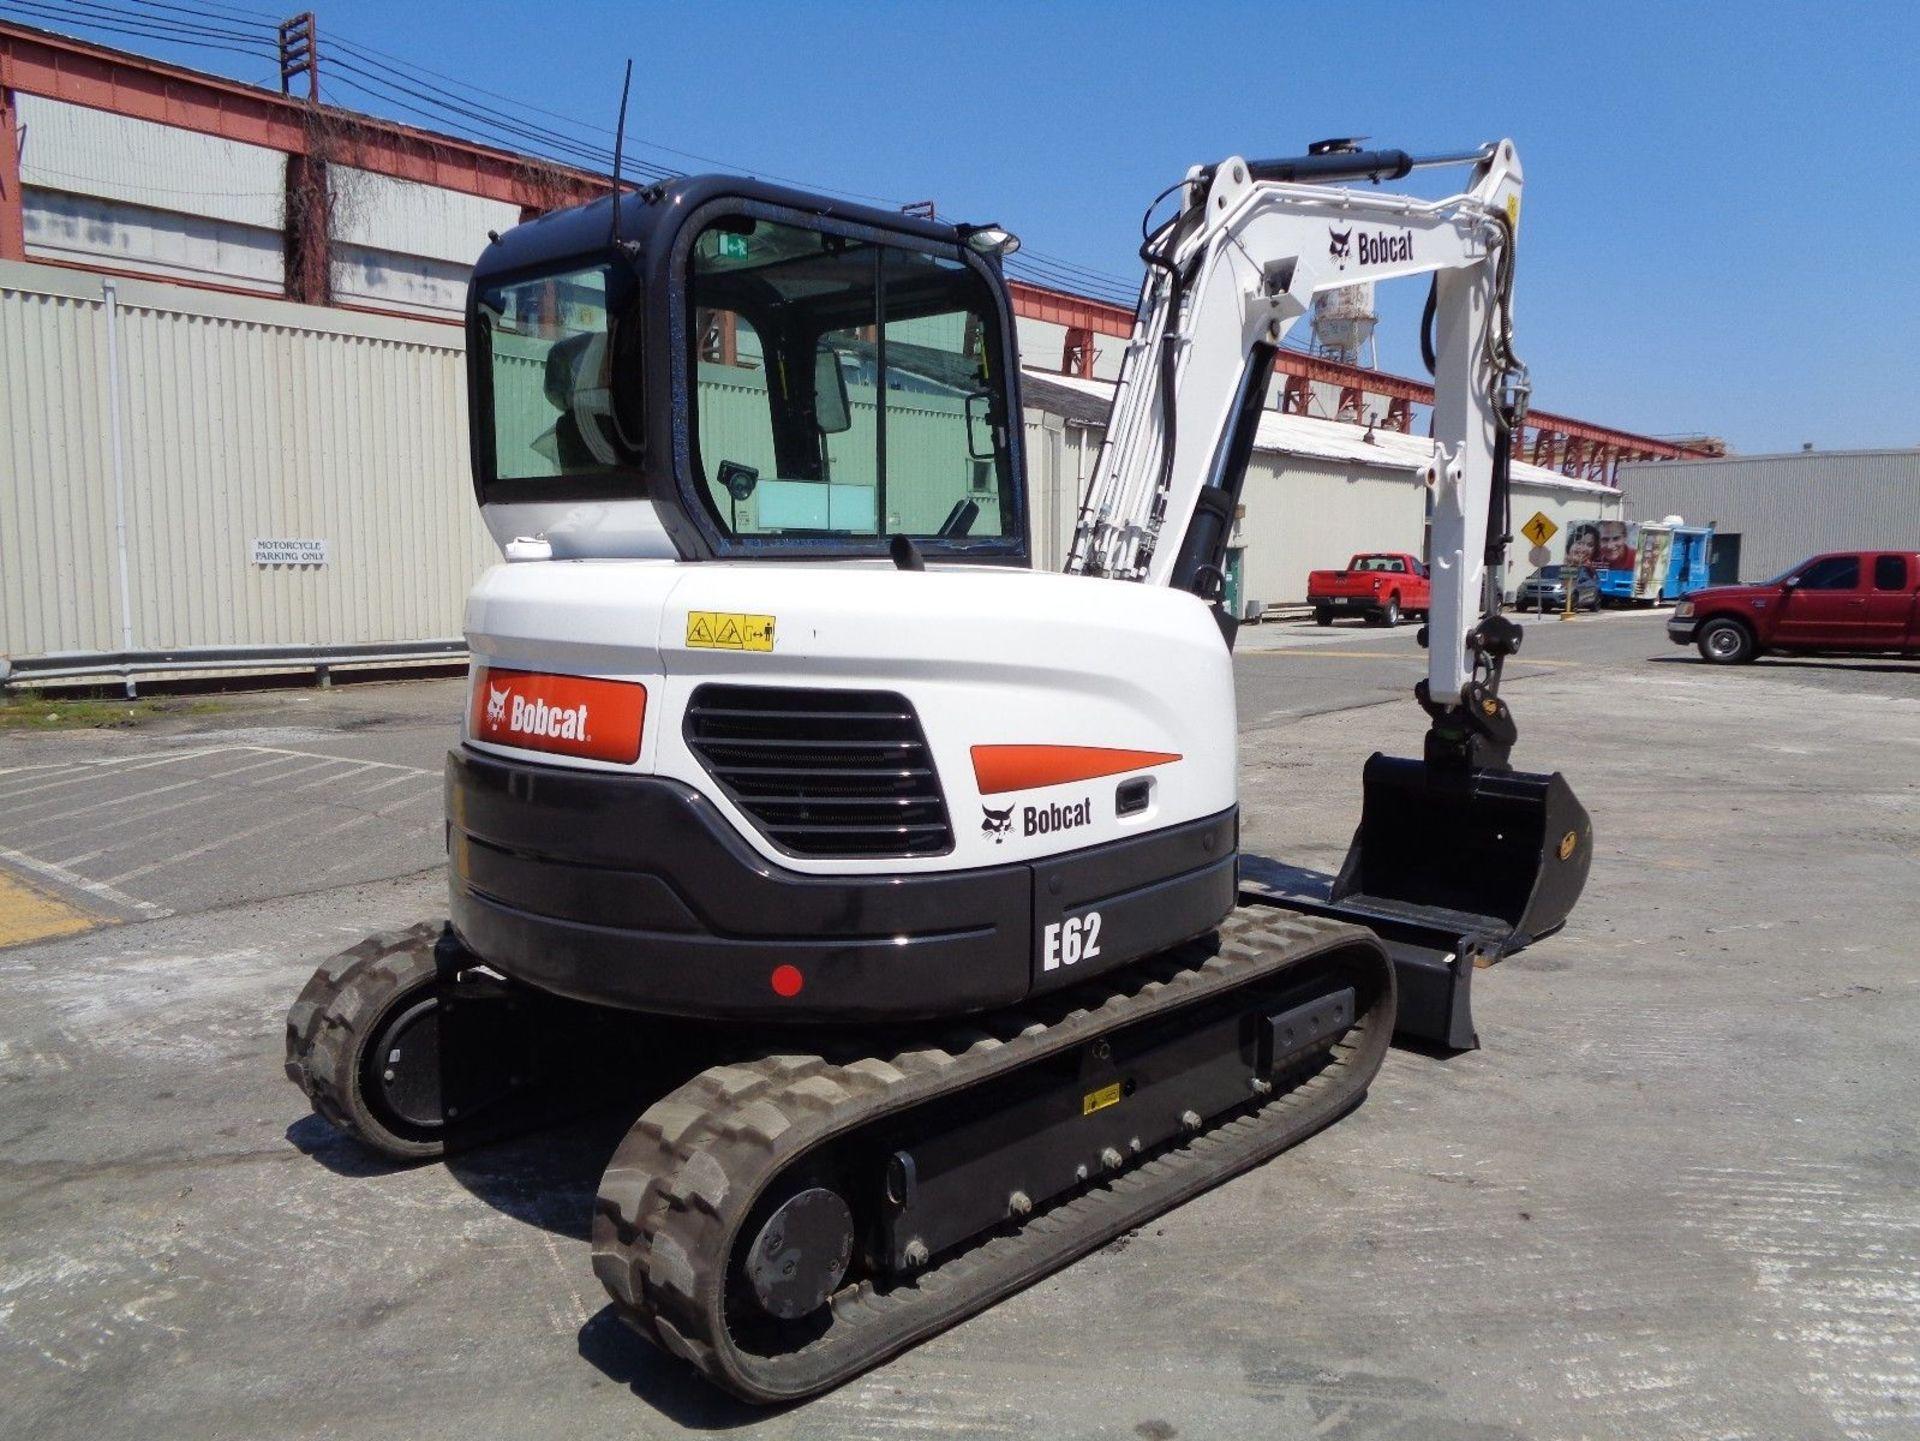 Lot 32 - New Unused Bobcat E62 Mini Excavator